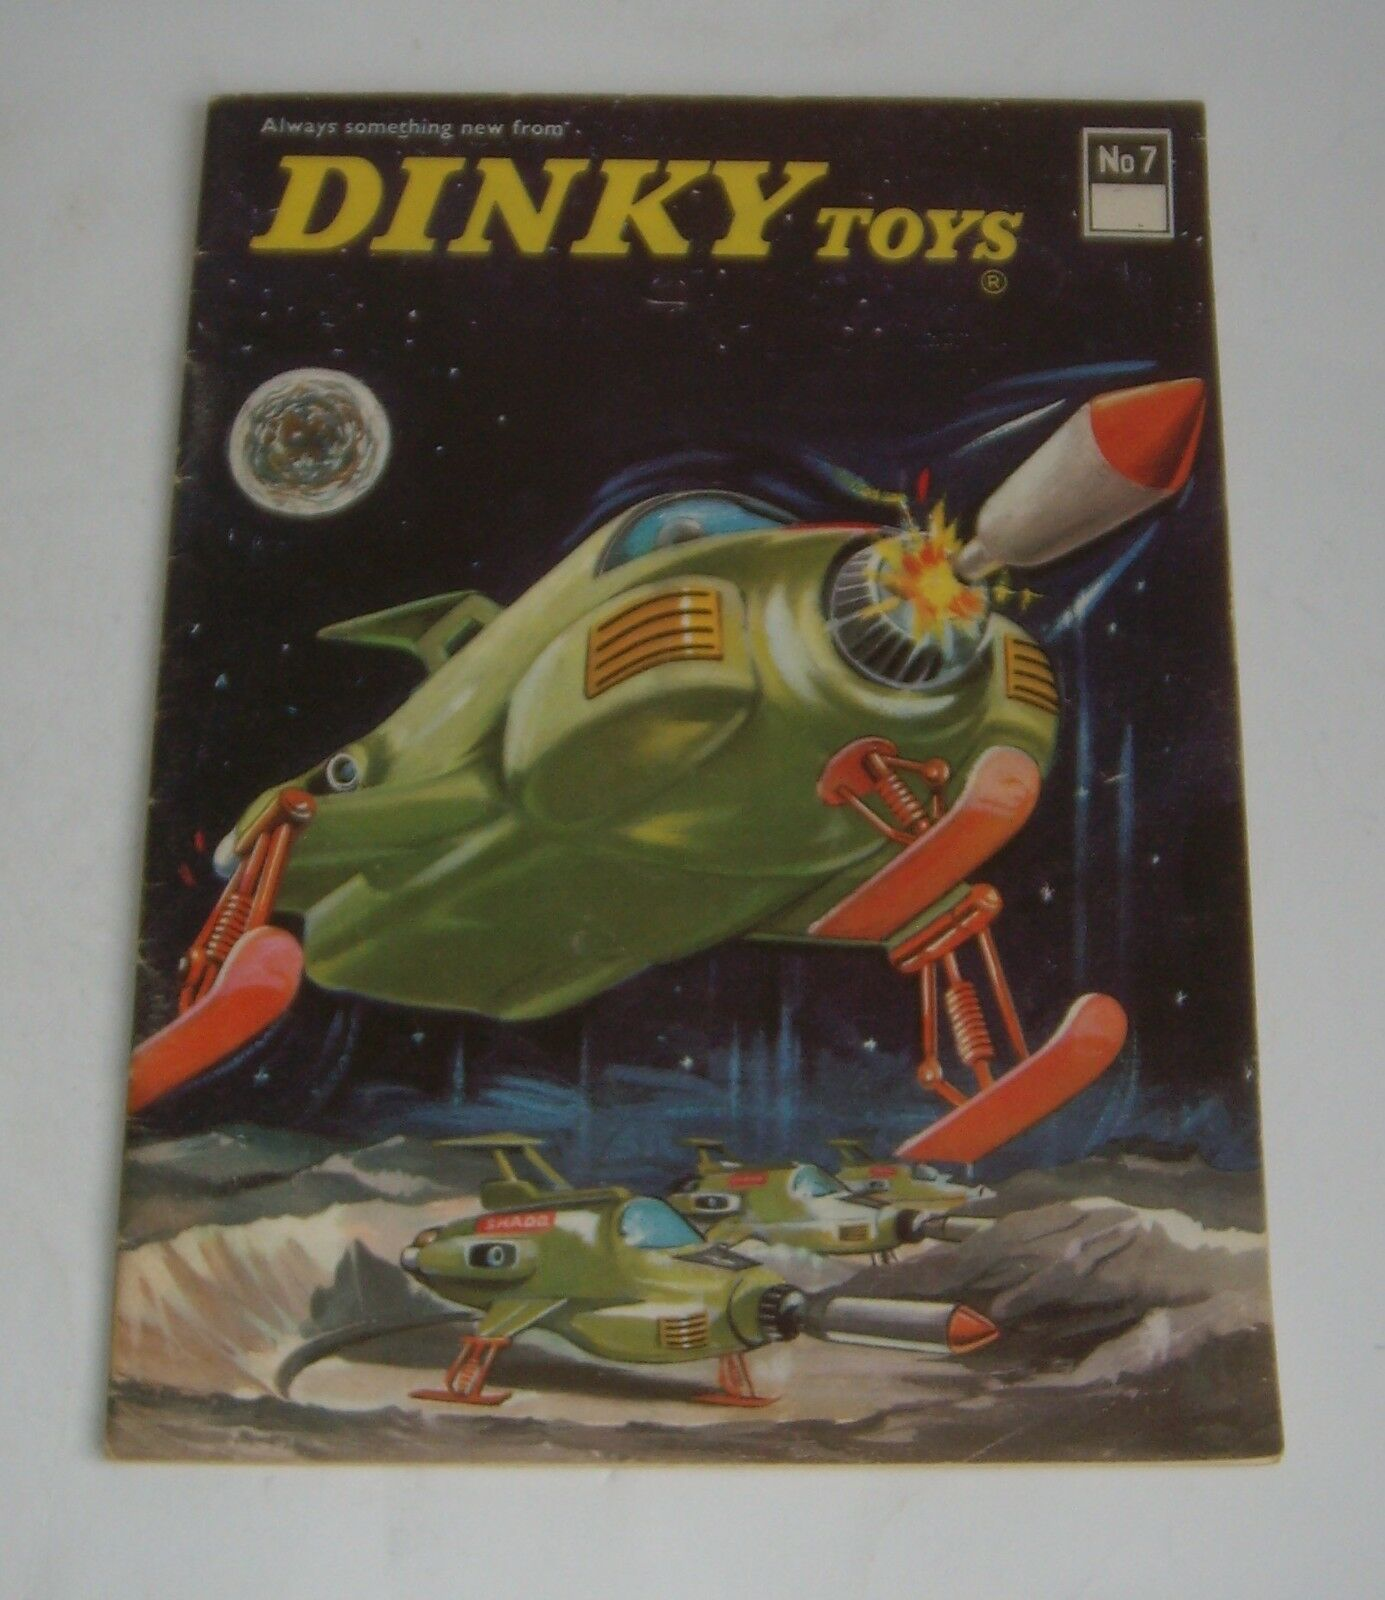 Dinky Toys Catálogo N ° 7, ningún ningún ningún precio, fechada en mayo de 1971, - Excelente. 636214